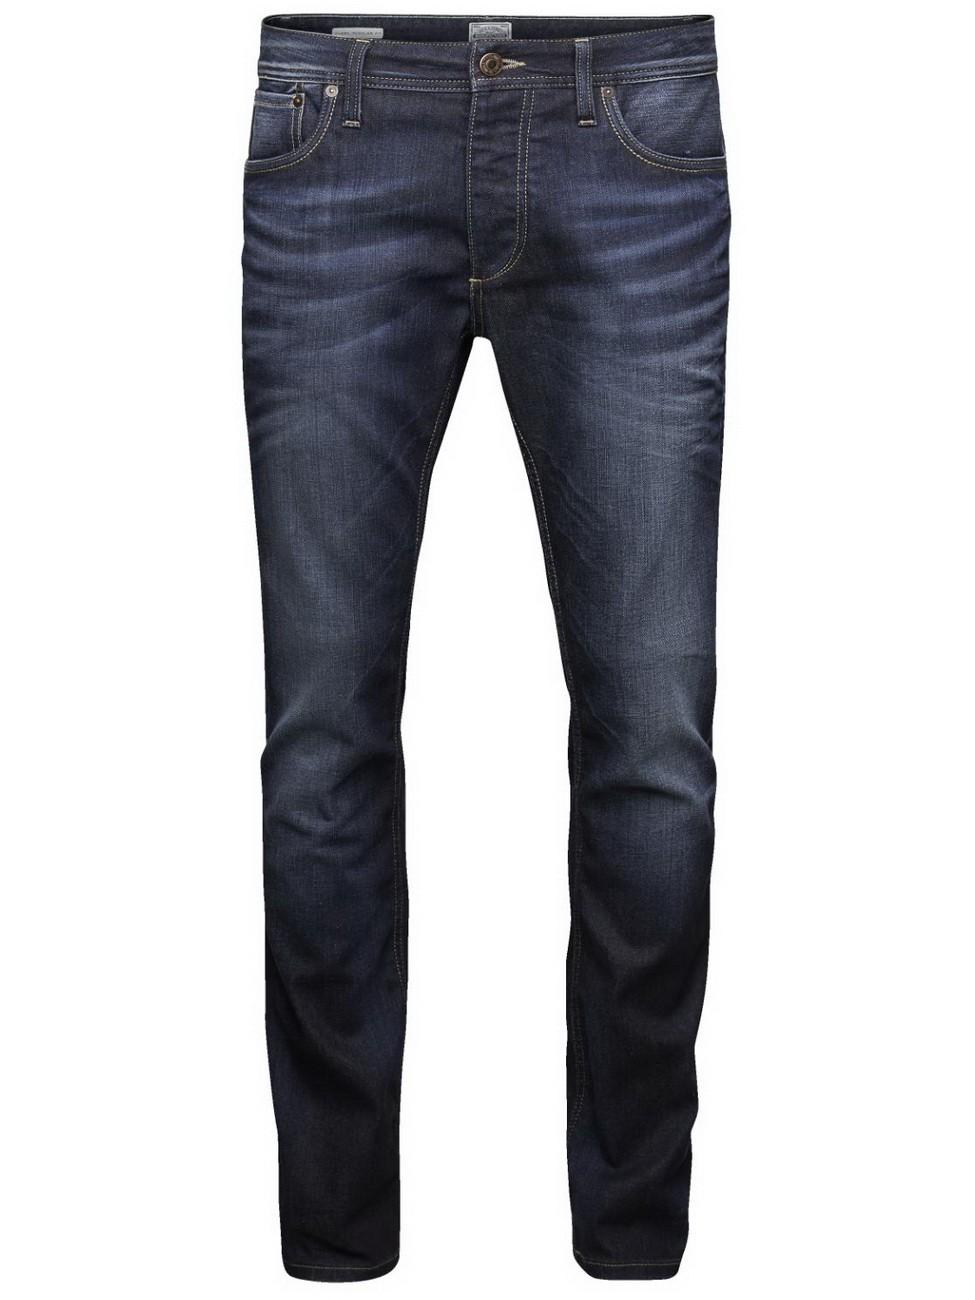 jack jones herren jeans jjclark regular fit blue. Black Bedroom Furniture Sets. Home Design Ideas